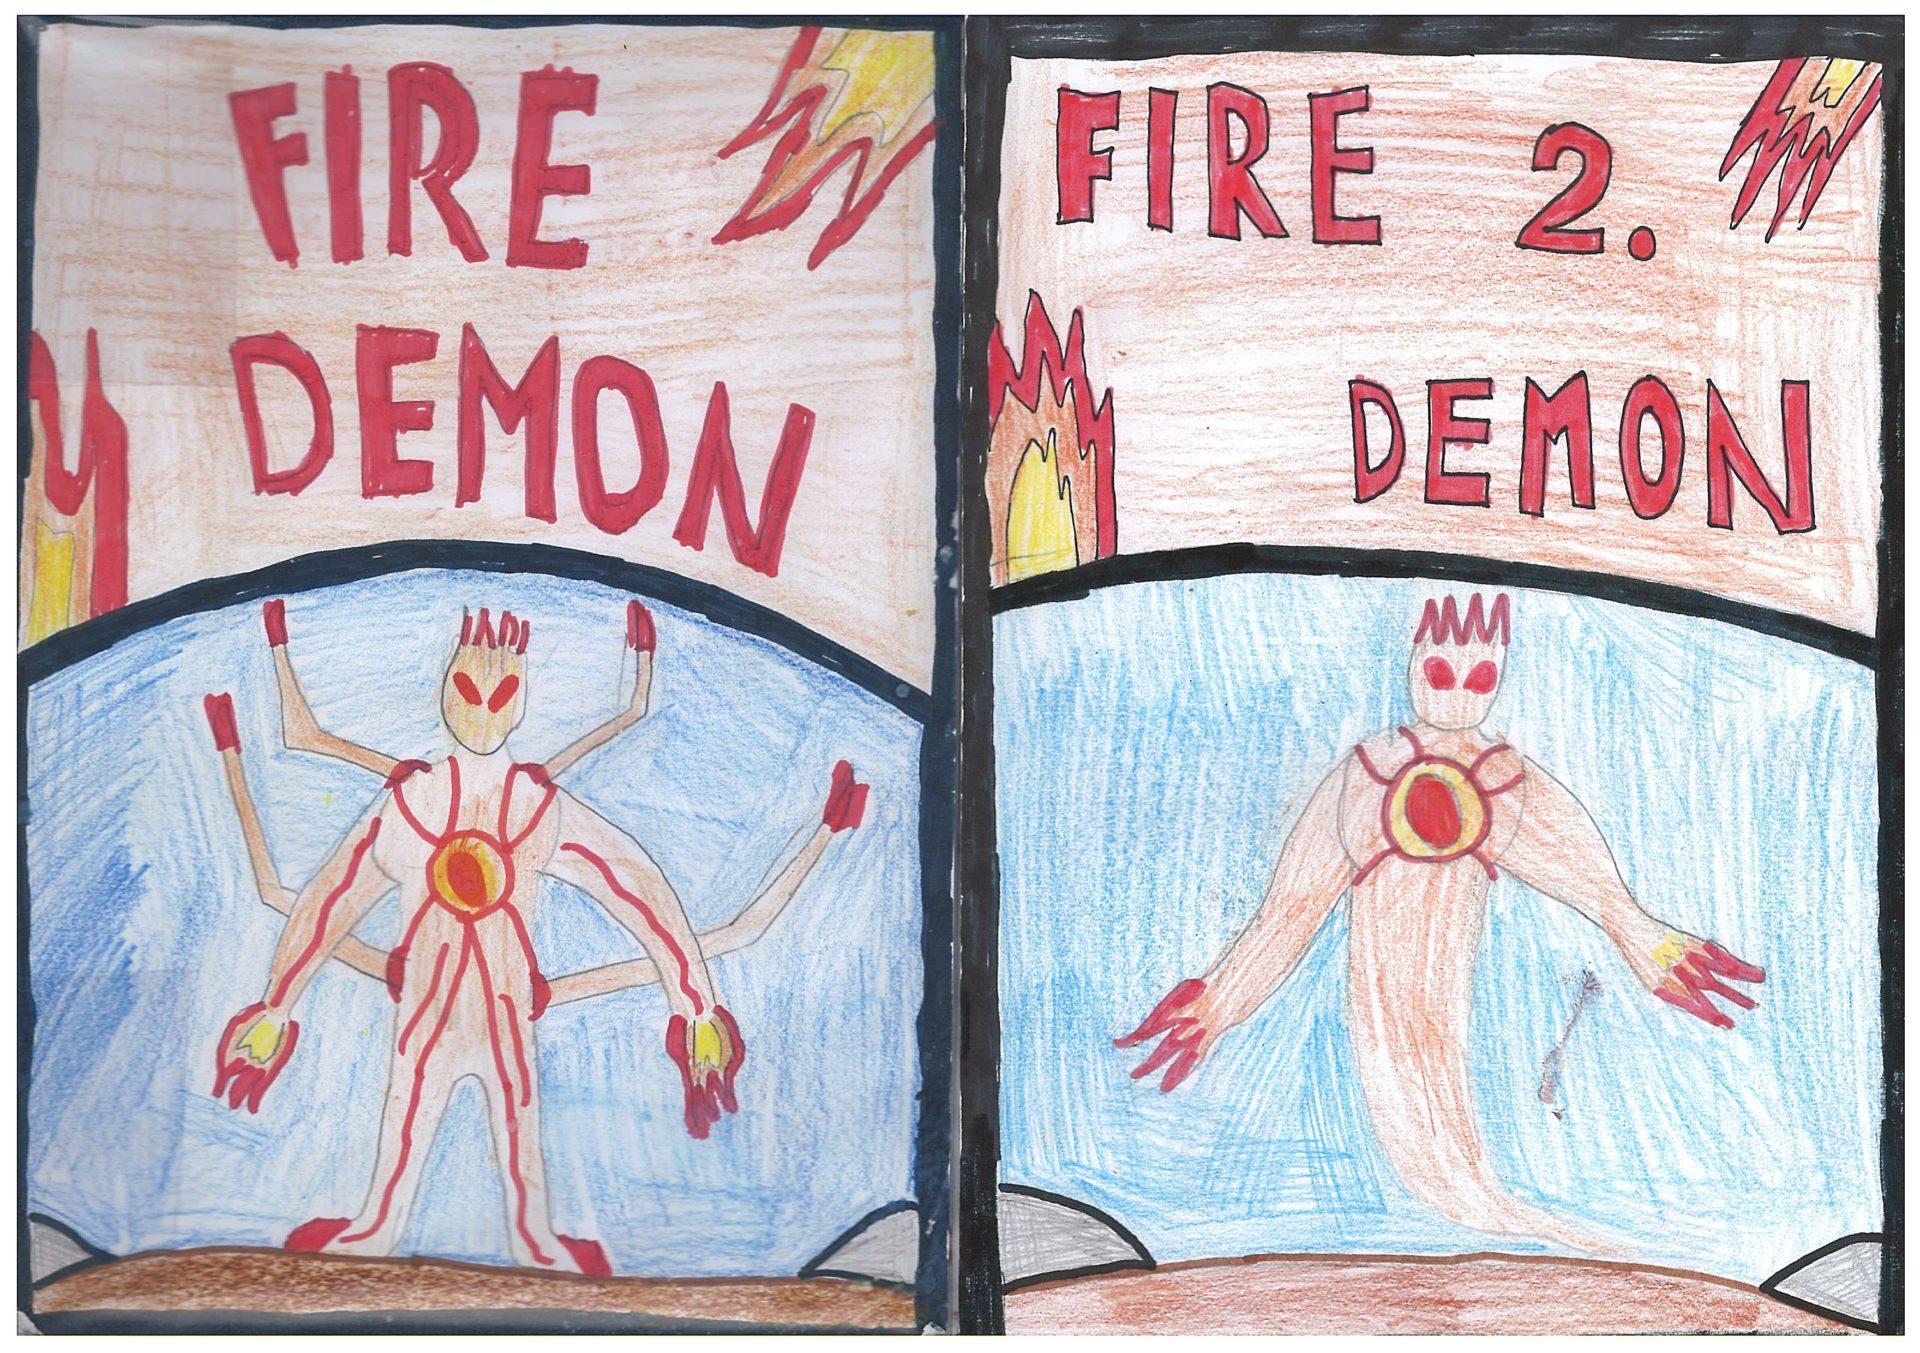 Jakob S. nasl. Fire demon 1 2 - VSE RAZSTAVE